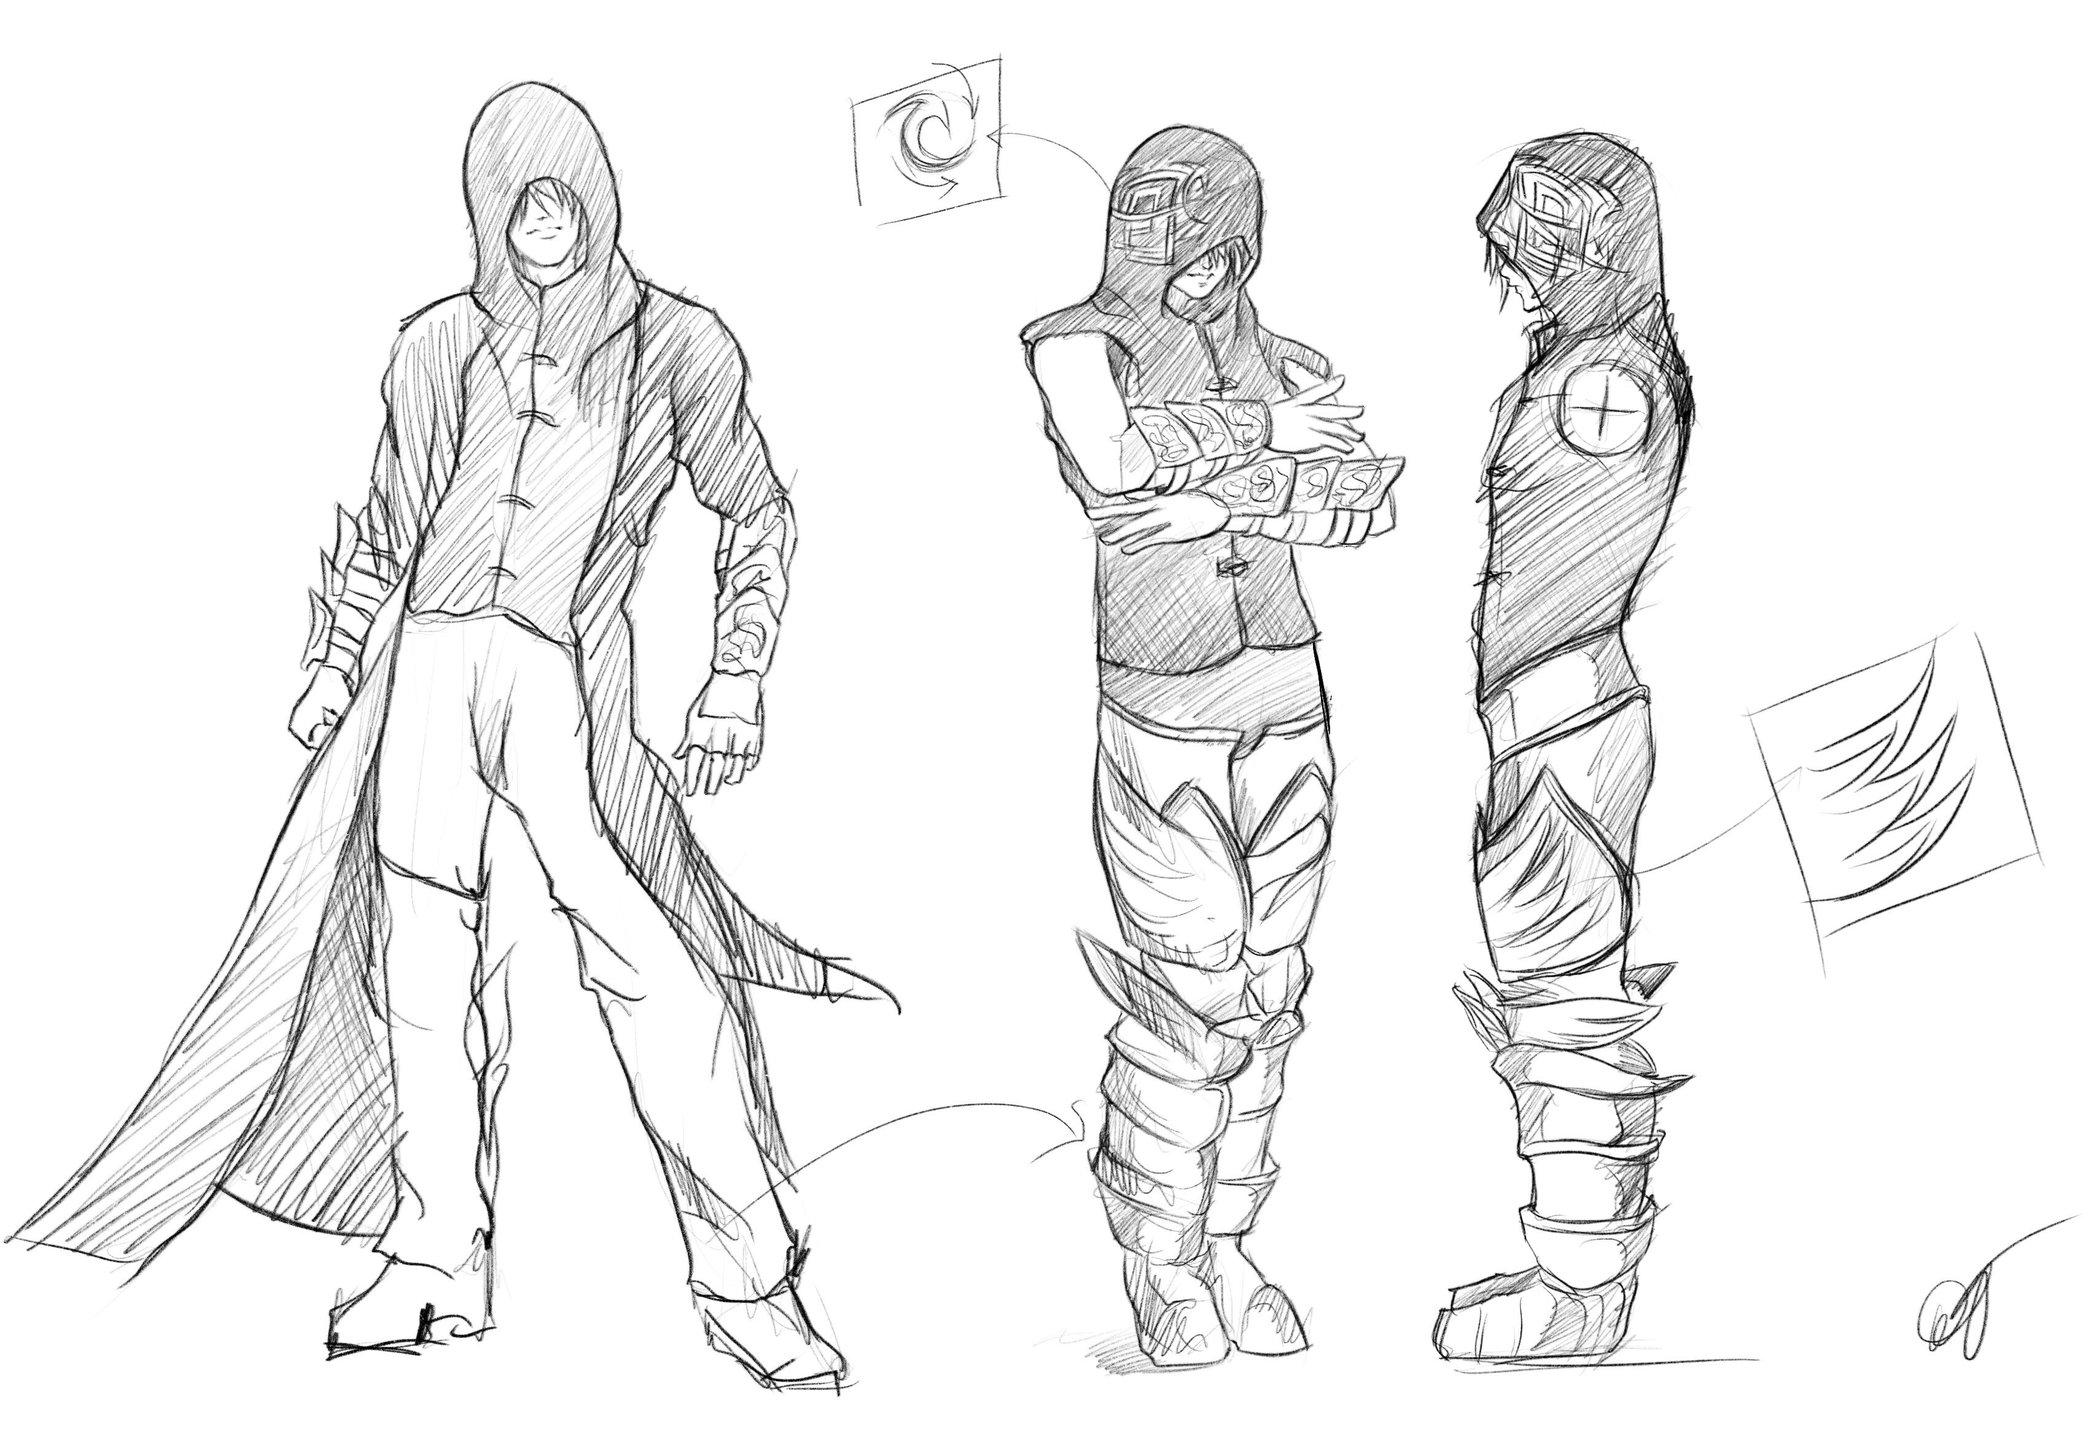 Character Design Editor : Reallusion character design zane artoriya ゼーン アートリ